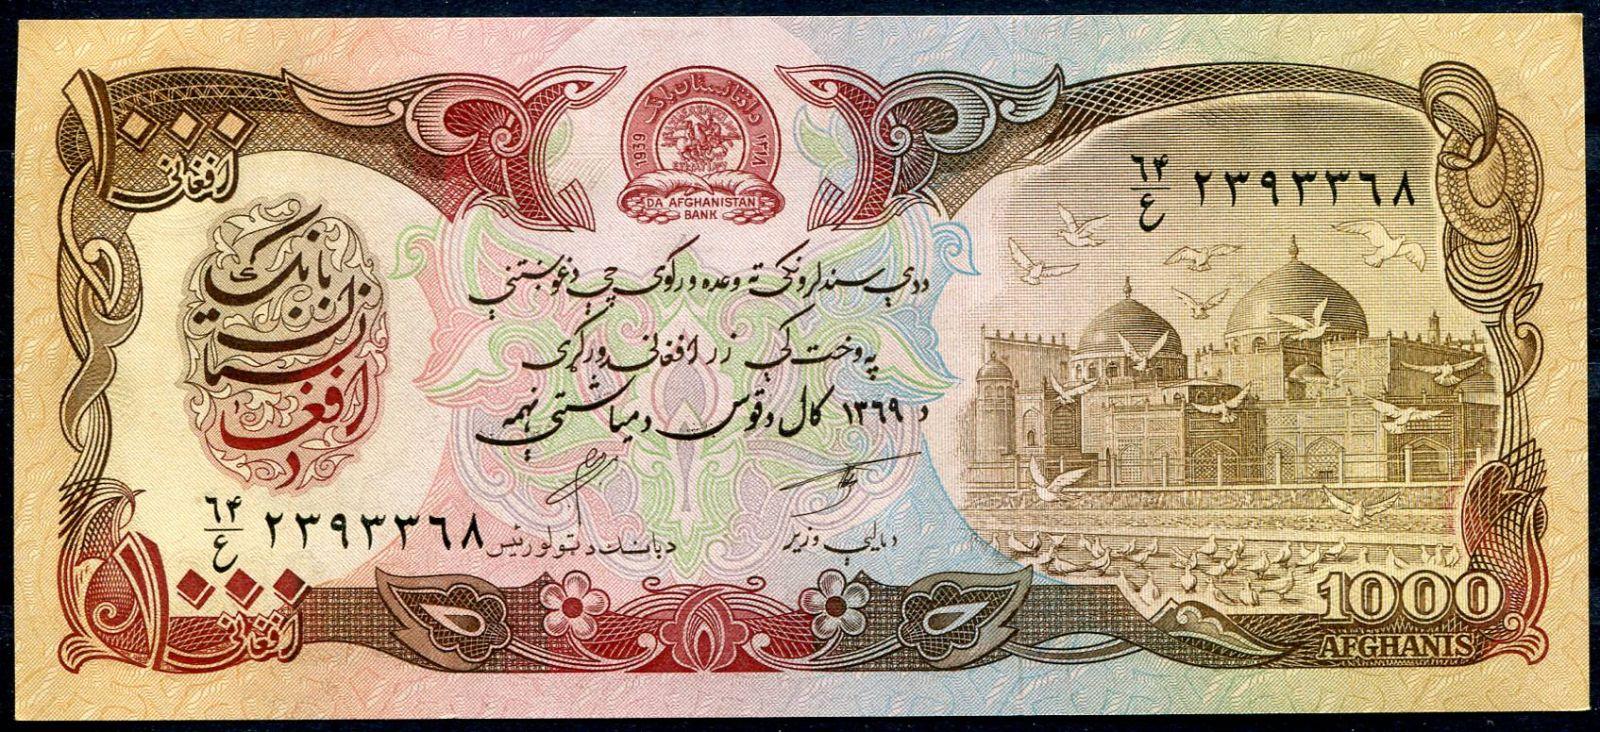 Afghanistán - (P 61b) 1000 Afghanis (1990) - UNC | www.tgw.cz